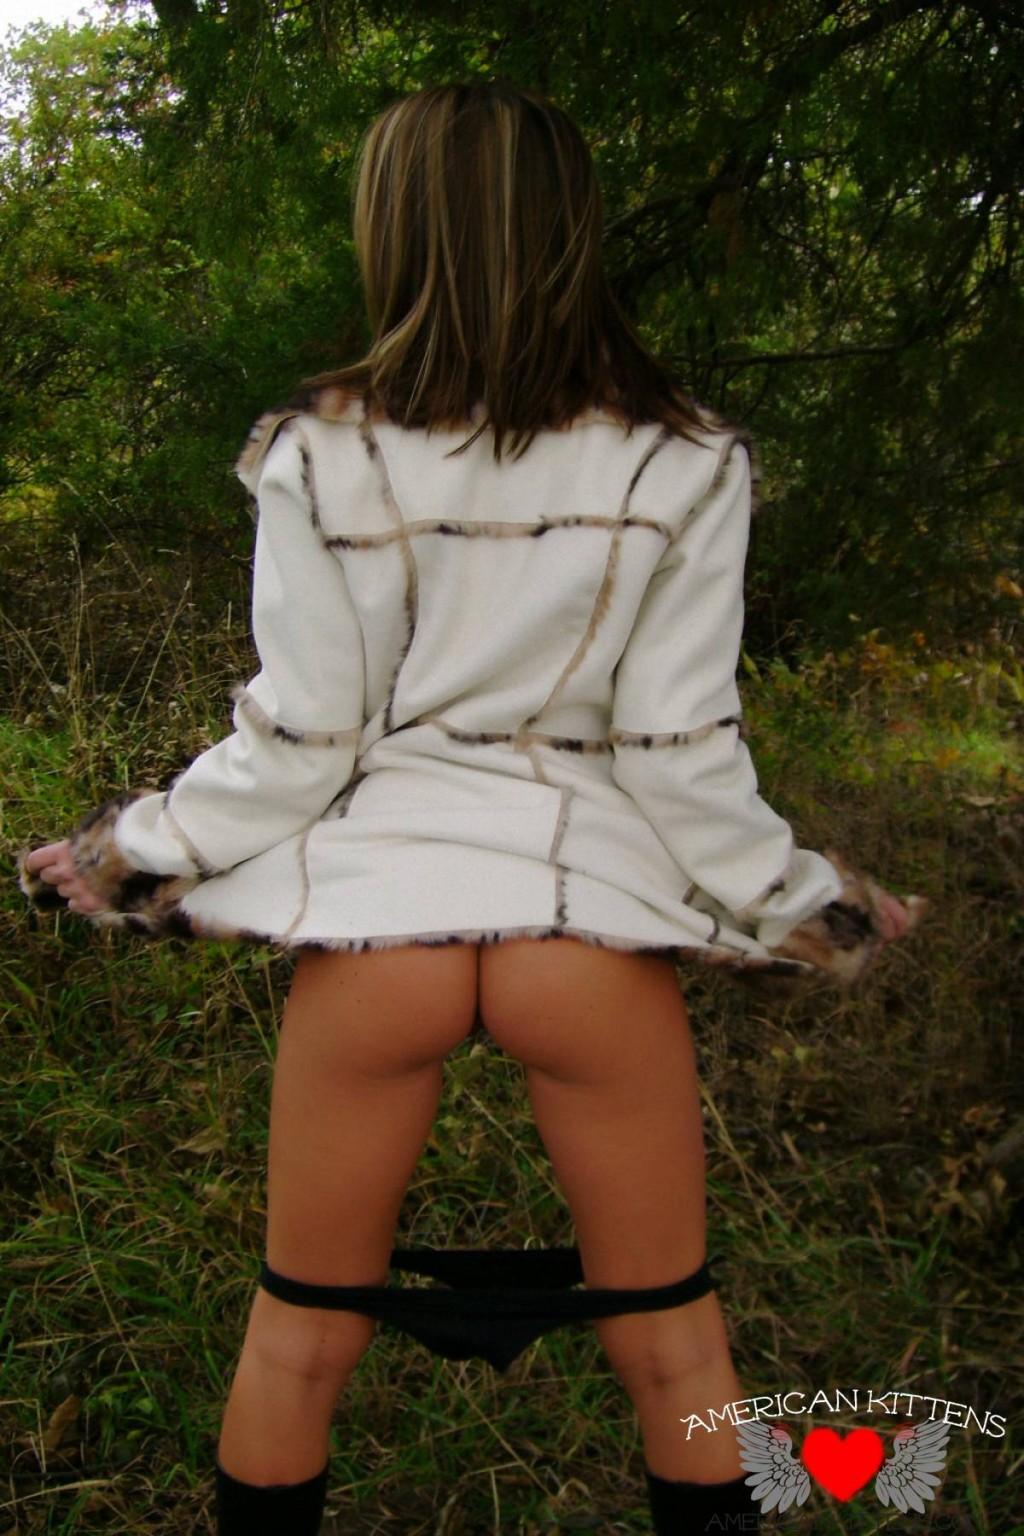 Старри Найт в саду делает селфи для юнца, она не думает, что ее еще кто-то увидит в таком эротичном виде